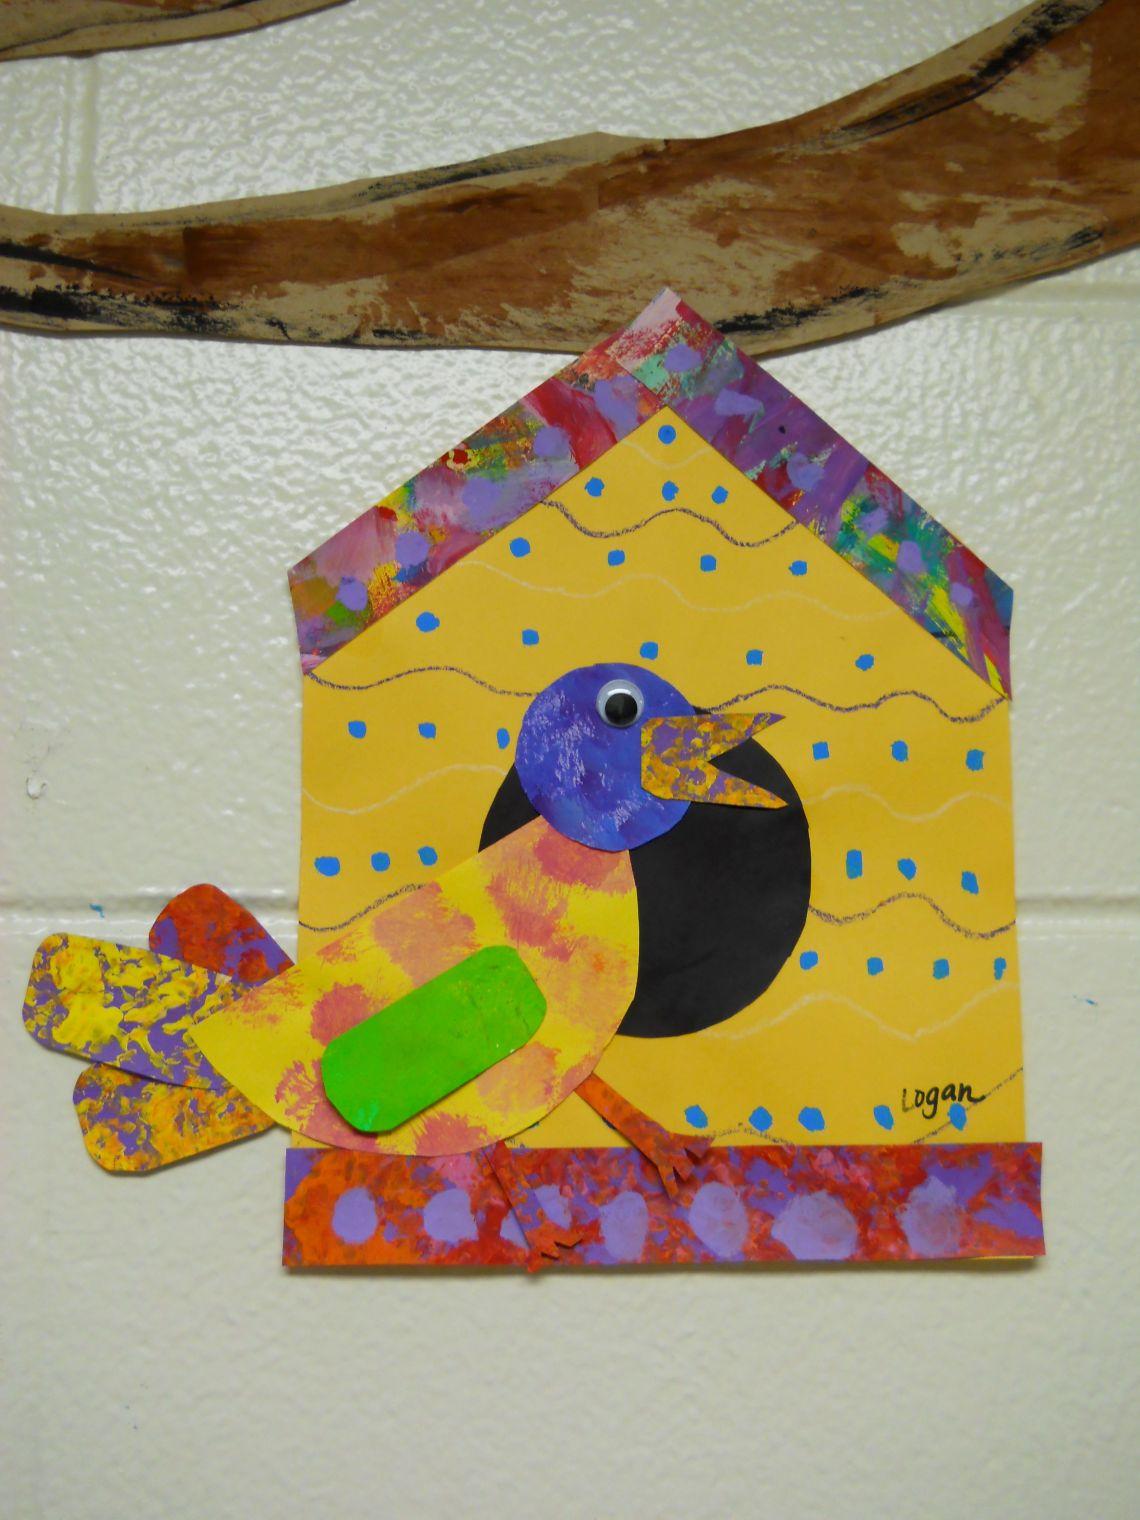 birds-of-a-feather_6909127779_o